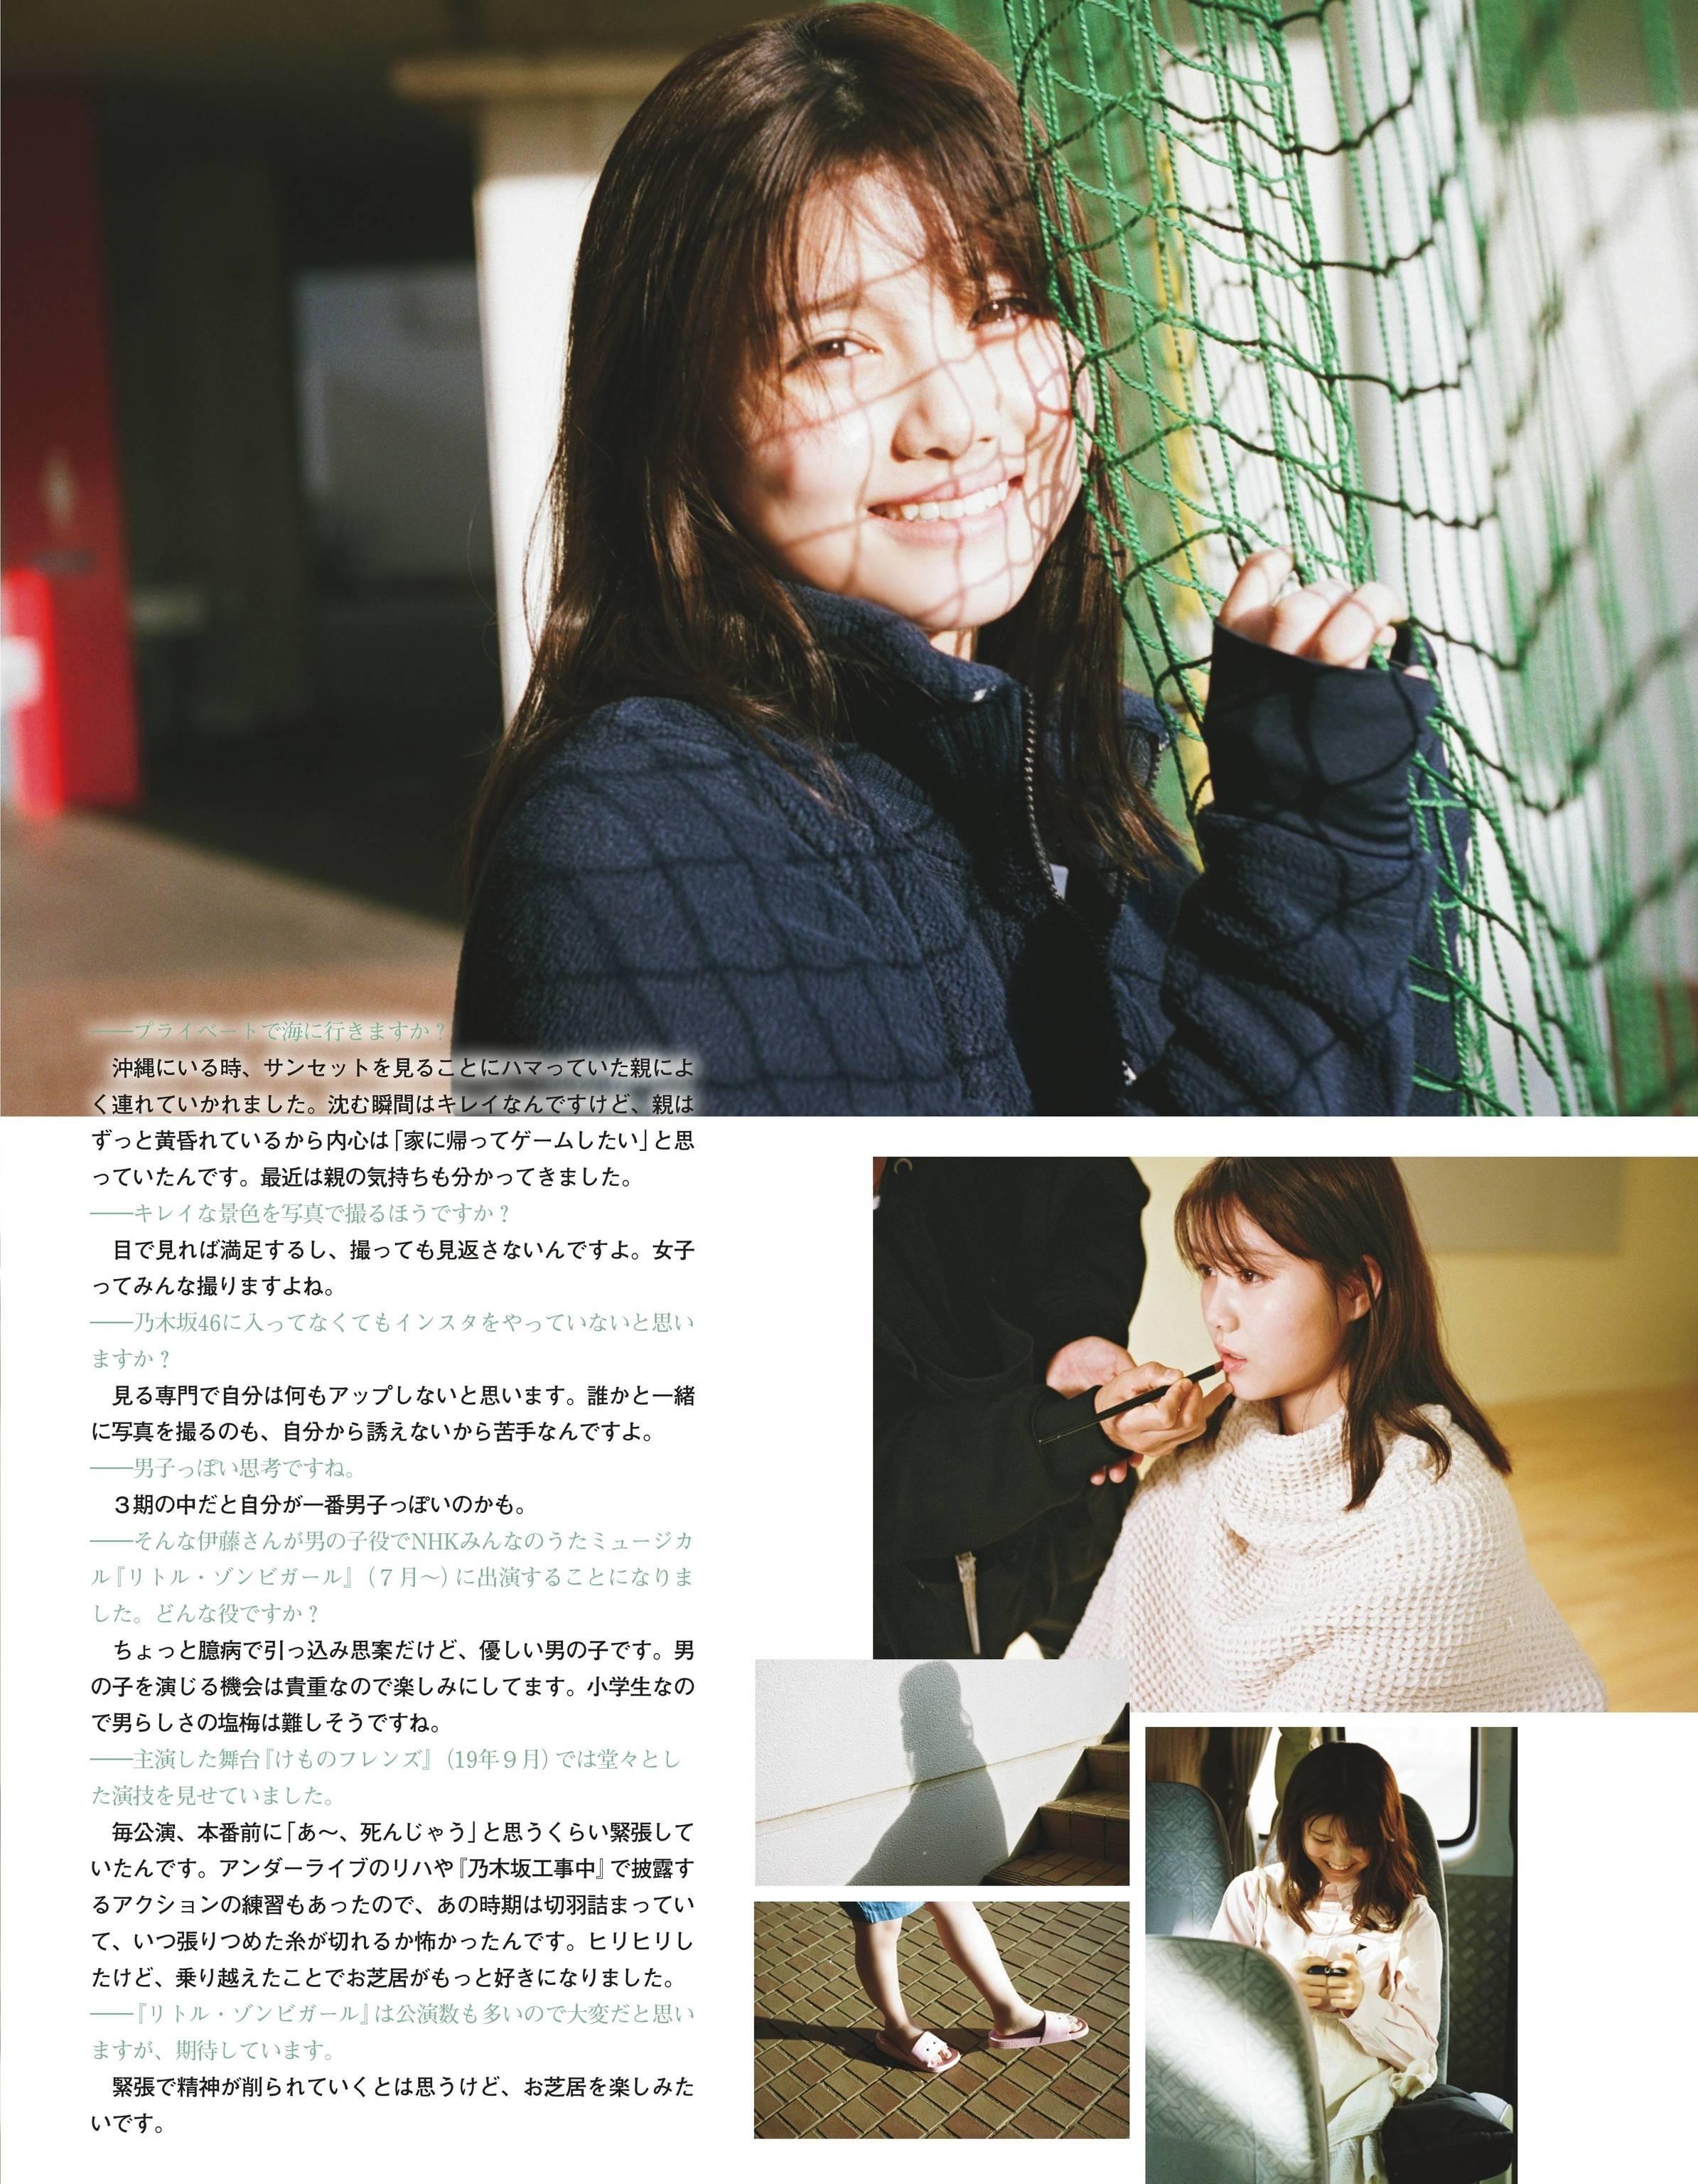 02-Riria Ito (4)